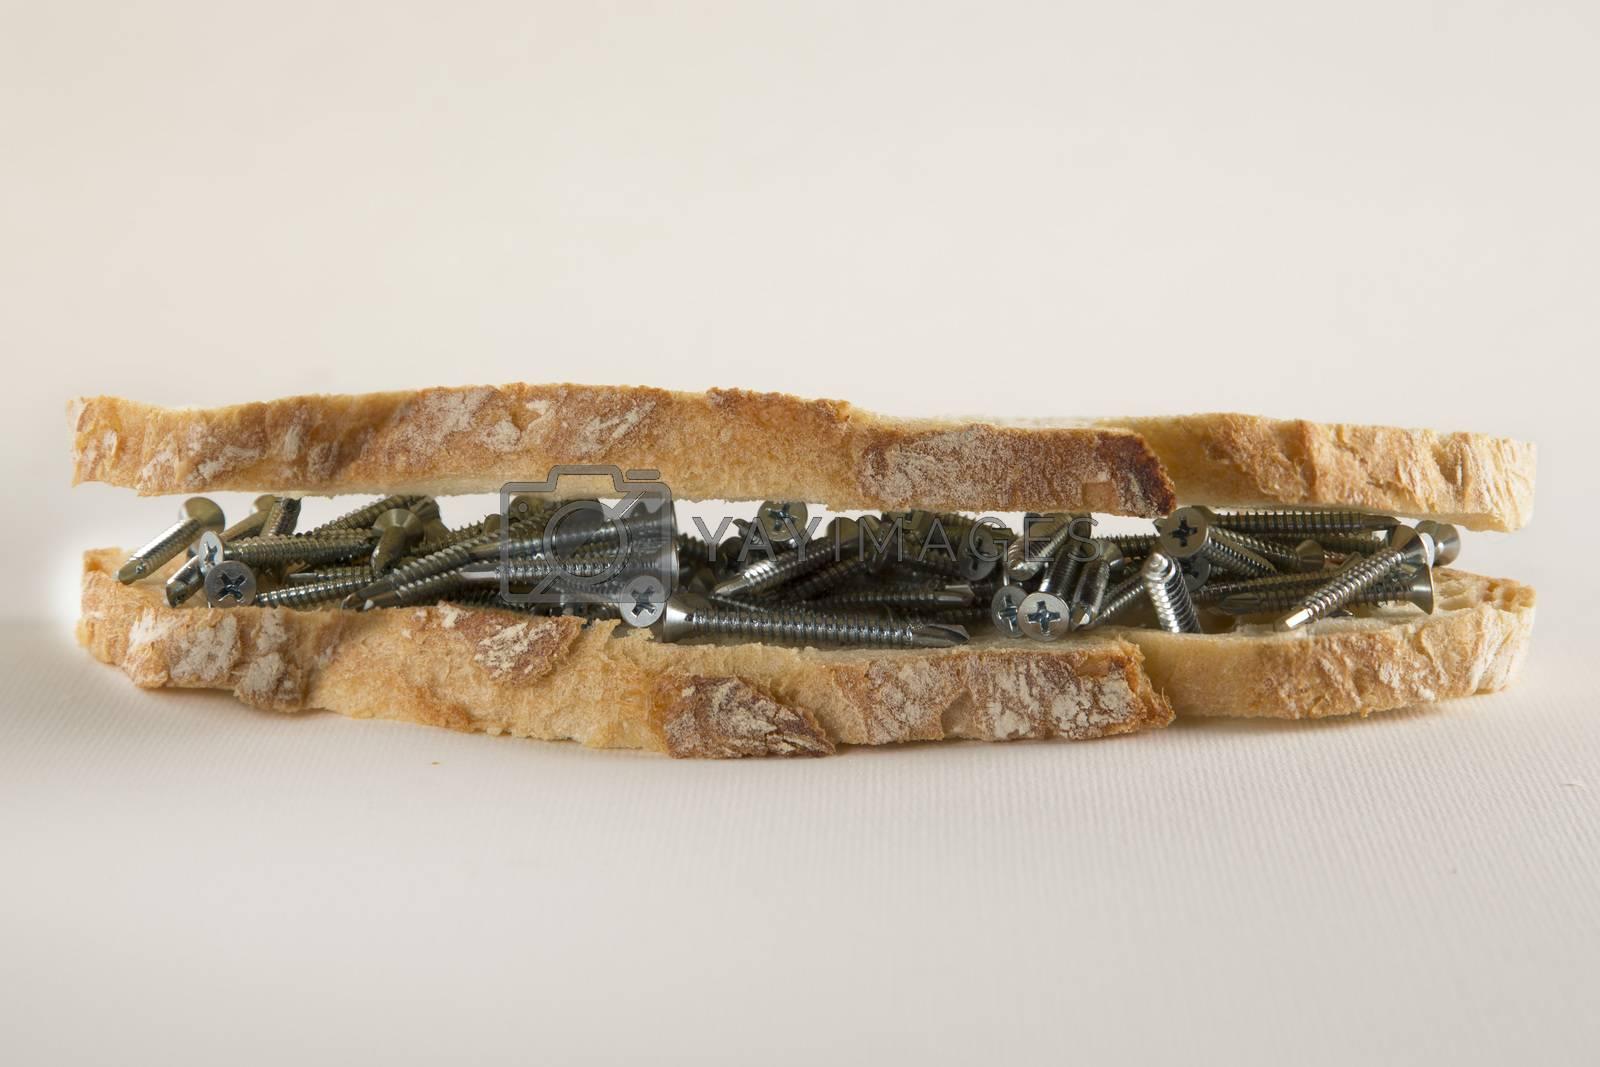 Sandwich with screws